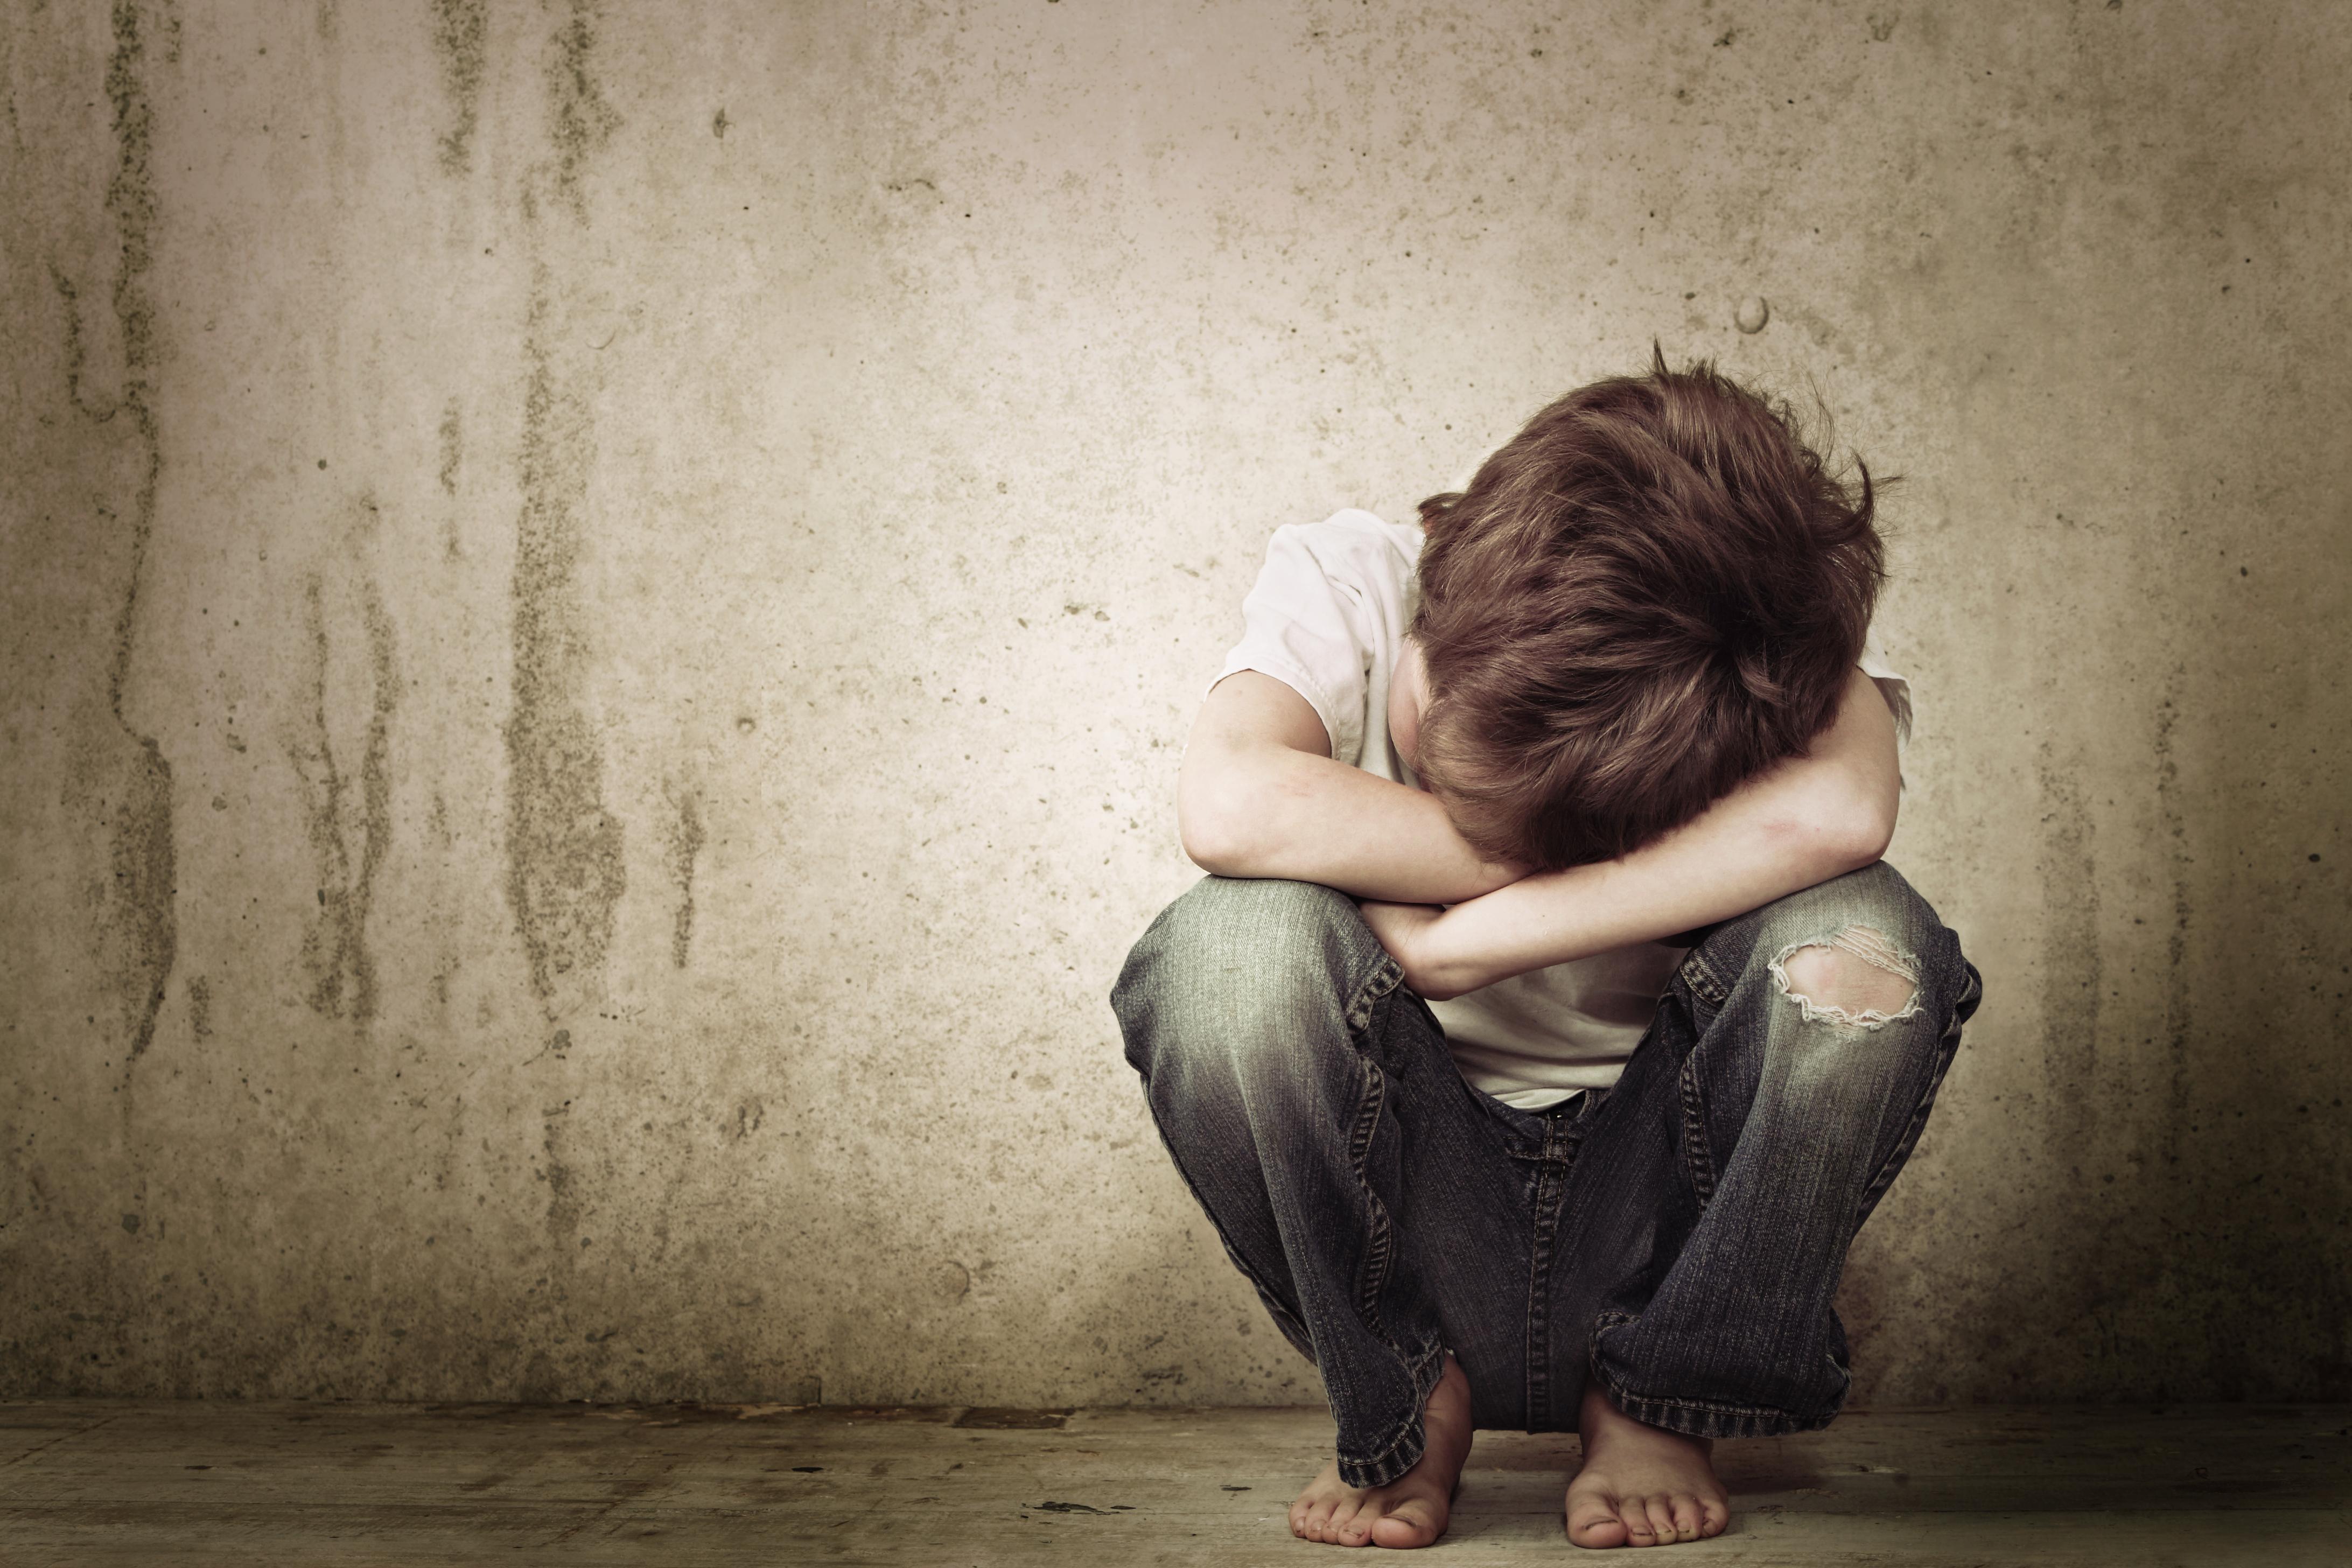 Garoto de 12 anos morre ao ser atingido por âncora de decoração